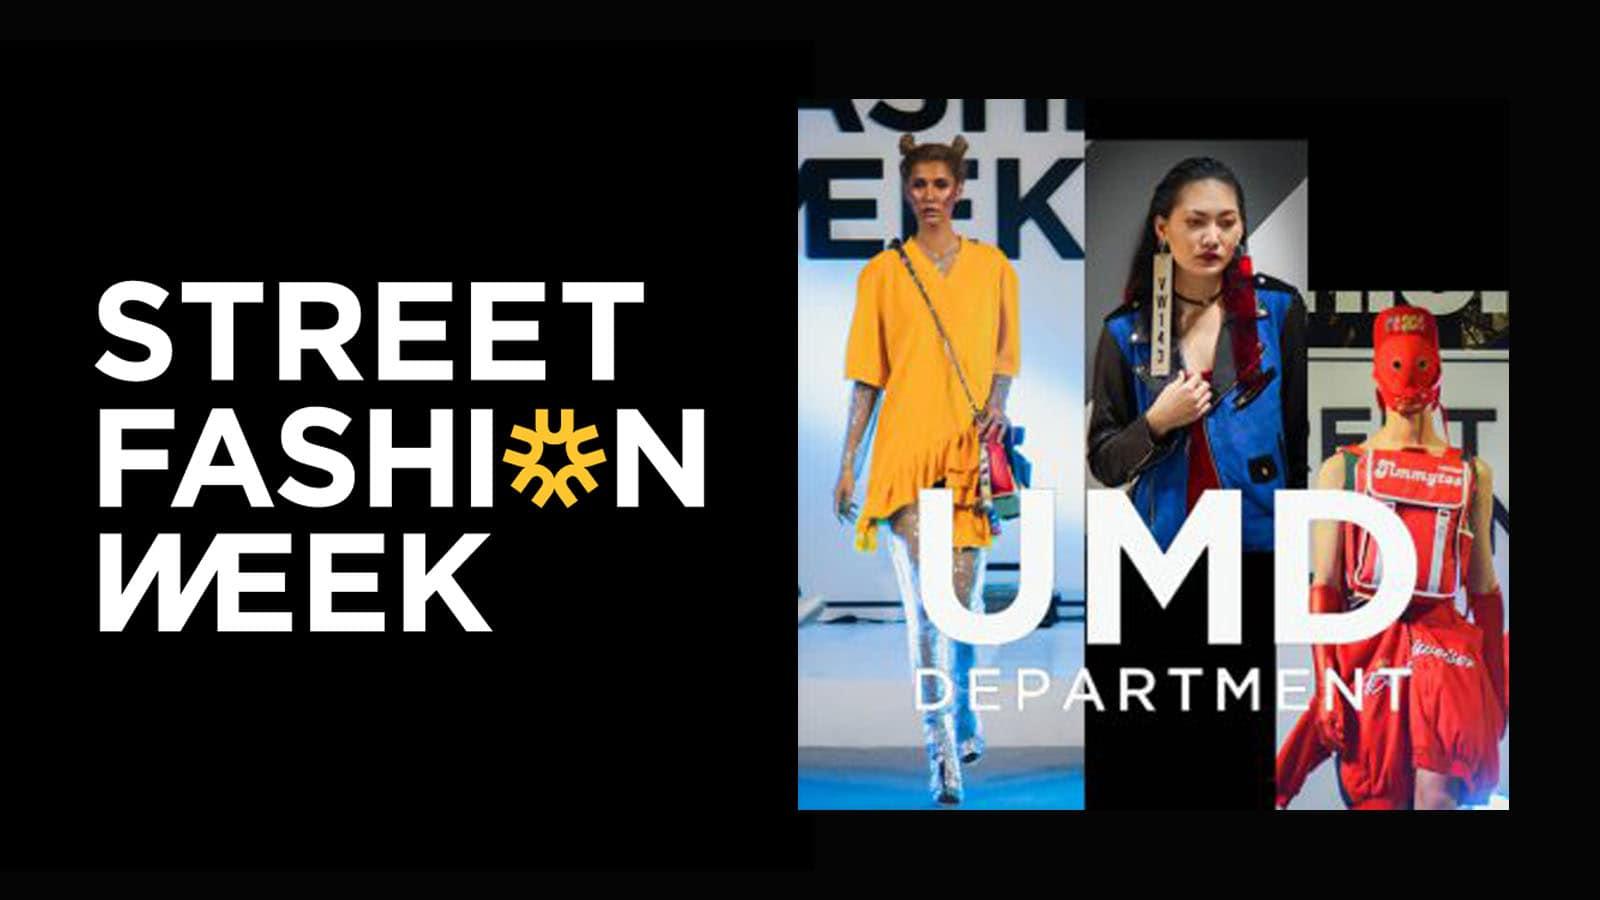 Mini Fashion Show สุดจี๊ดจากตัวแทนนักศึกษา สาขาแฟชั่นจาก 3 มหาวิทยาลัย